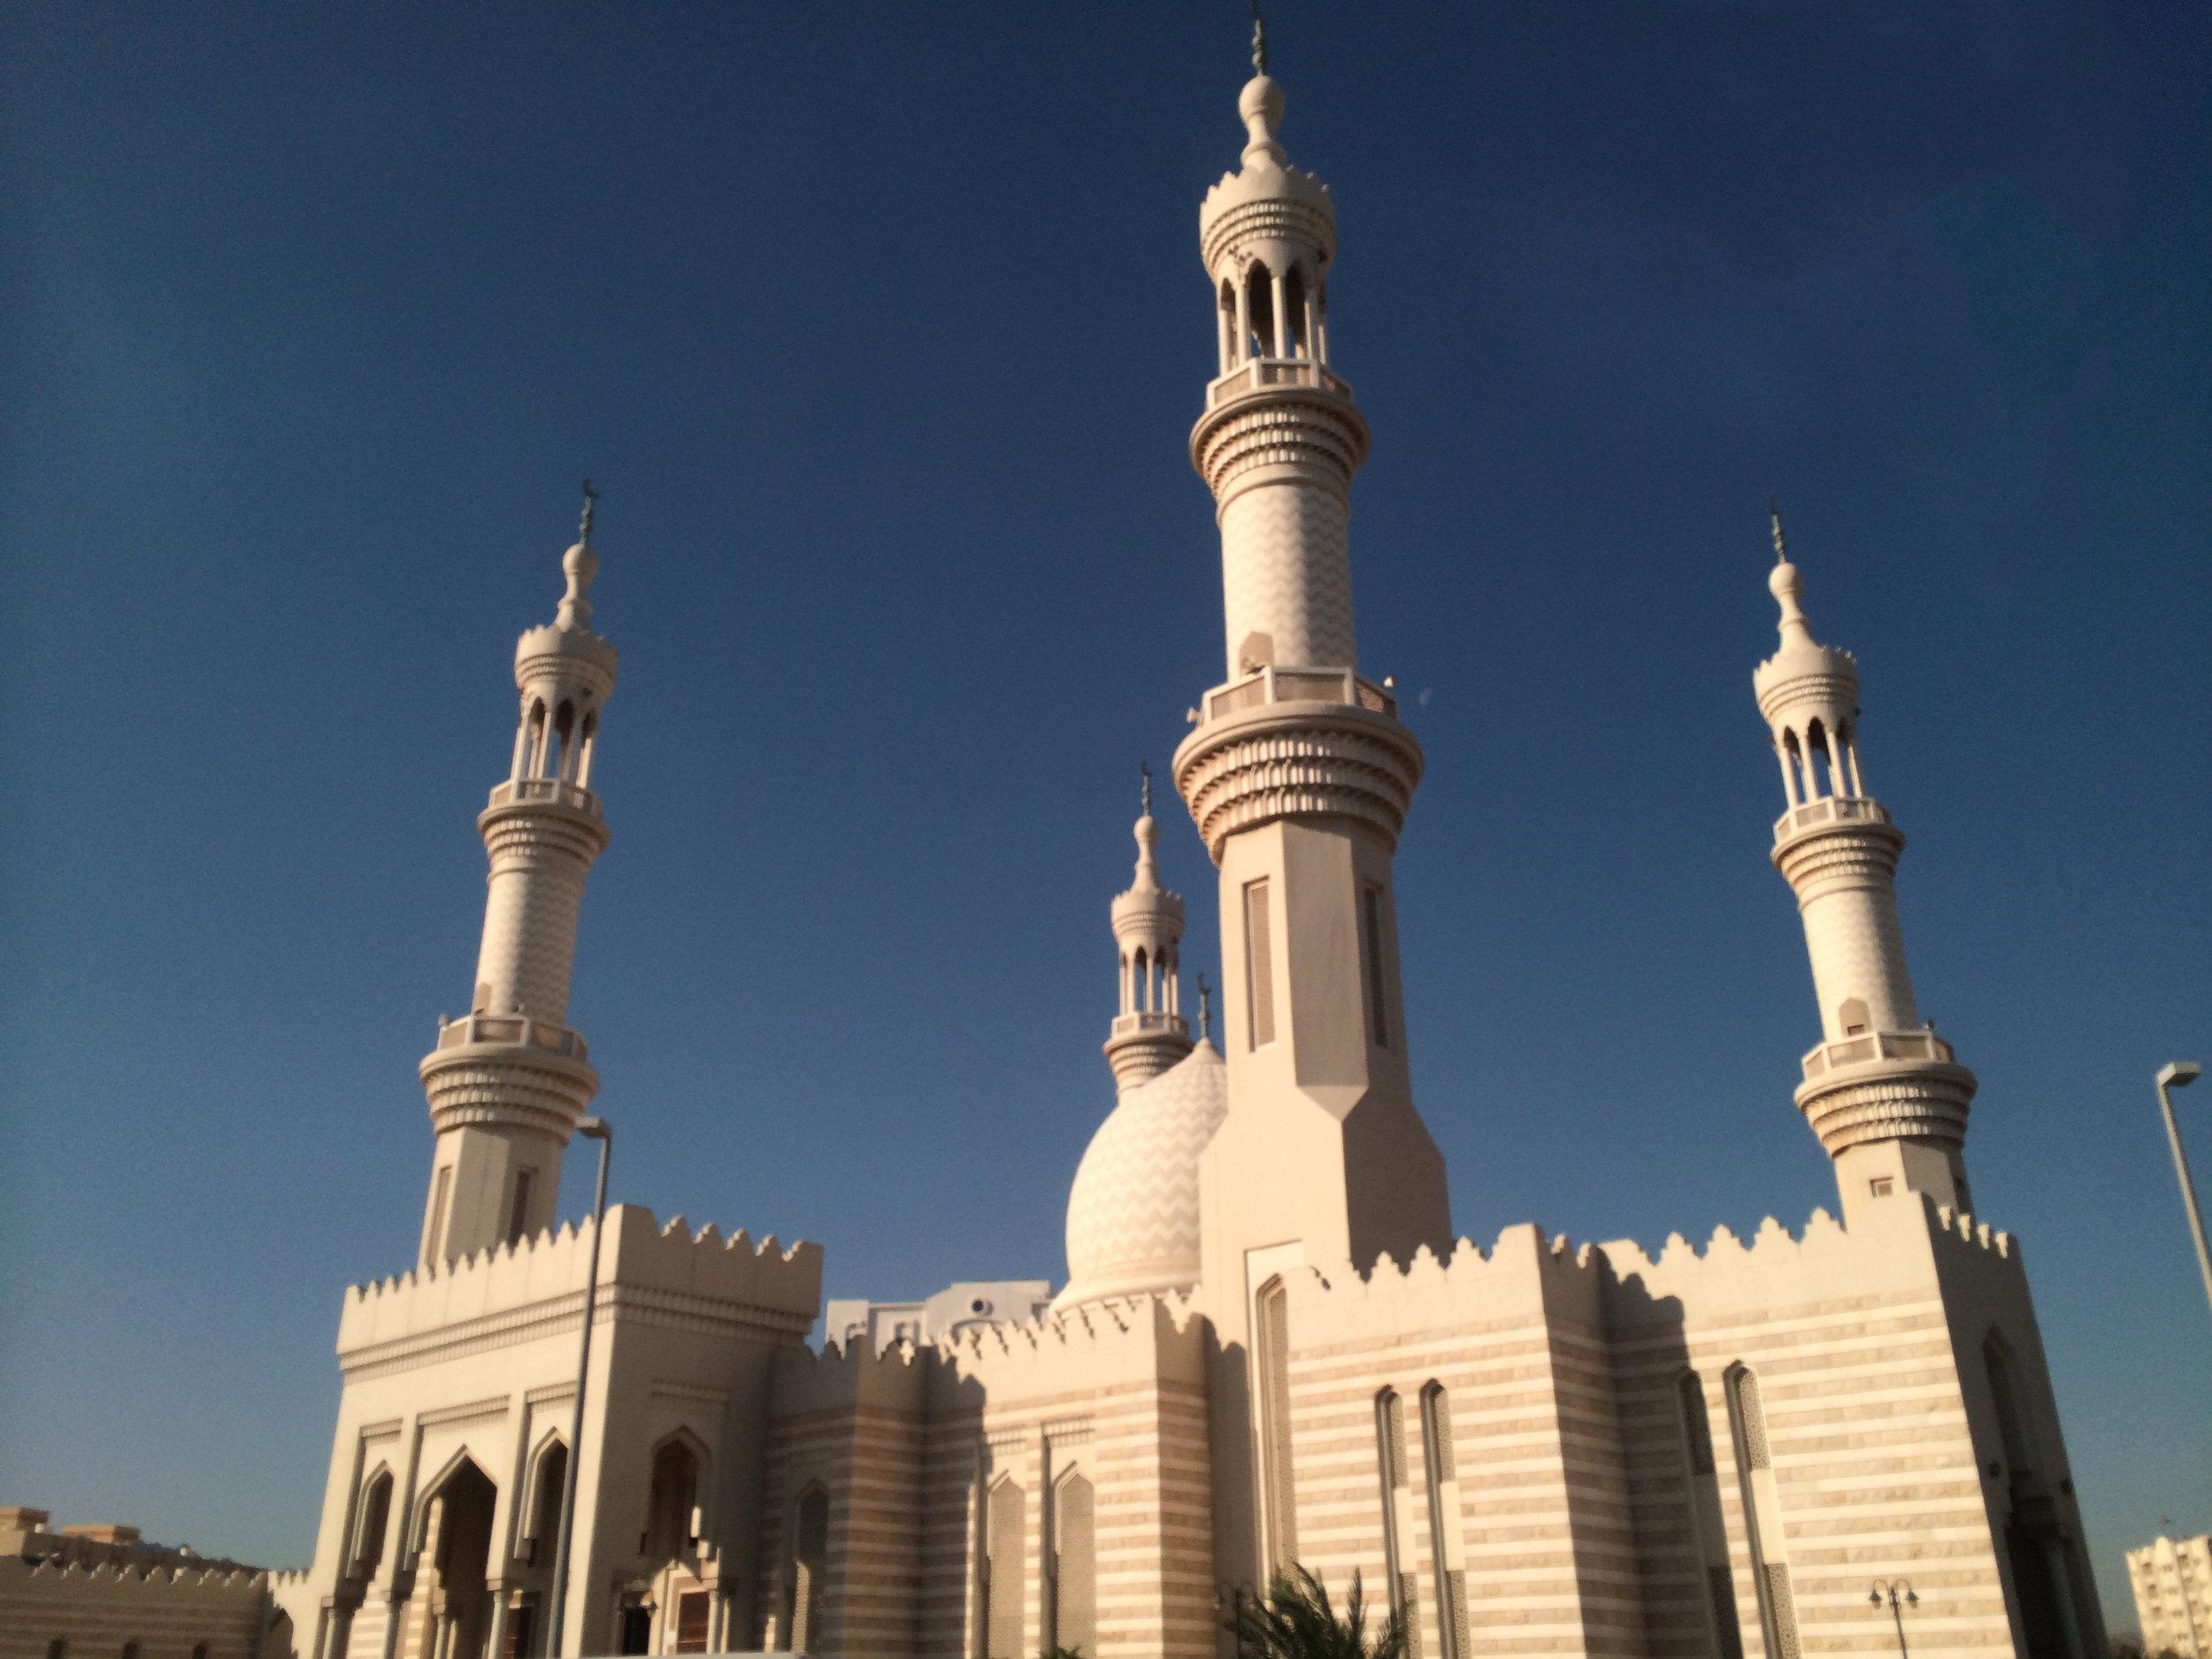 Beautiful mosque in  Fujairah, UAE